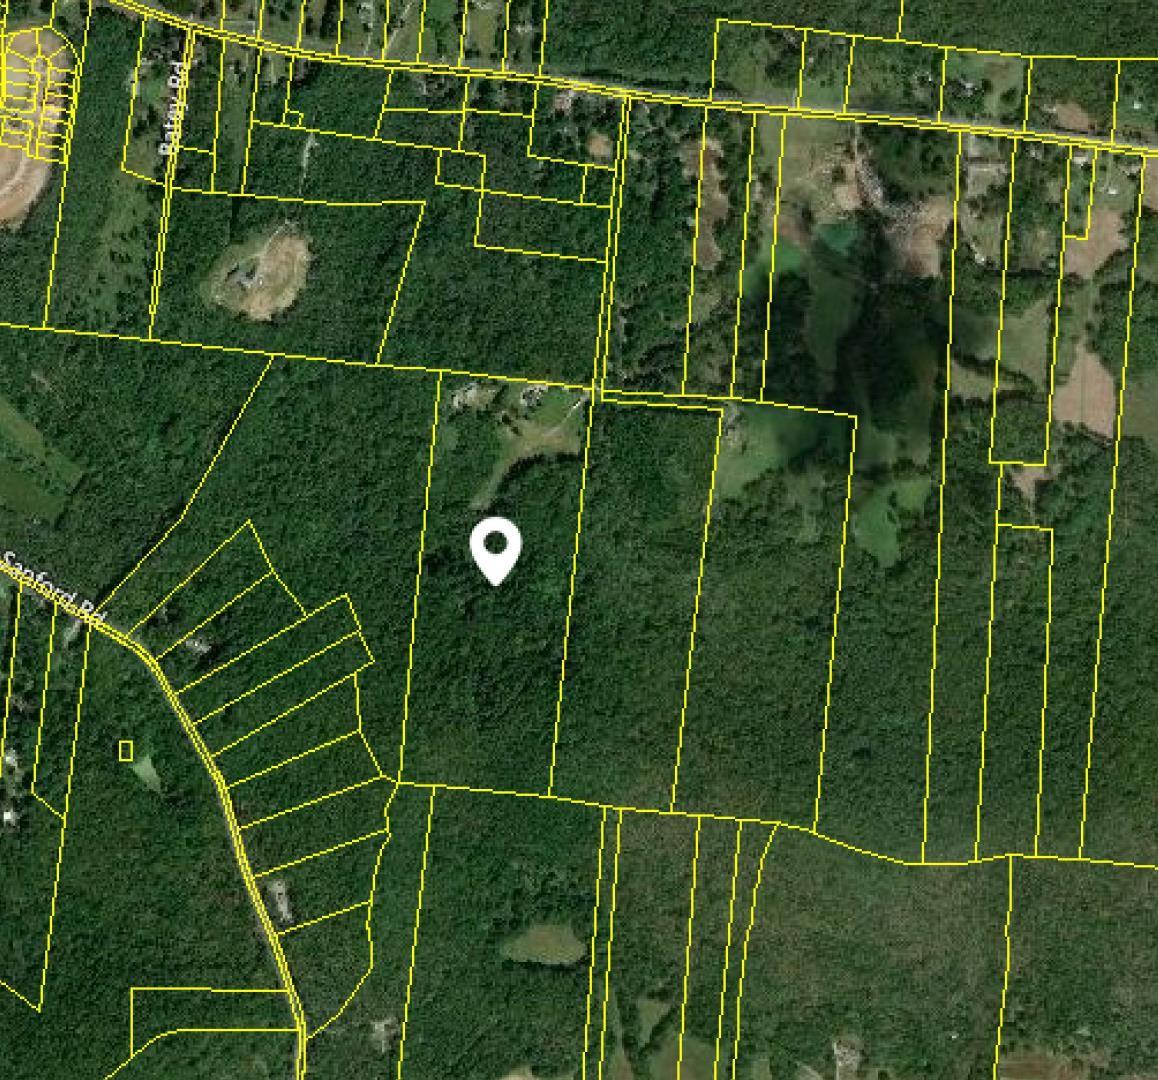 2613 York Rd, Nolensville, TN 37135 - Nolensville, TN real estate listing